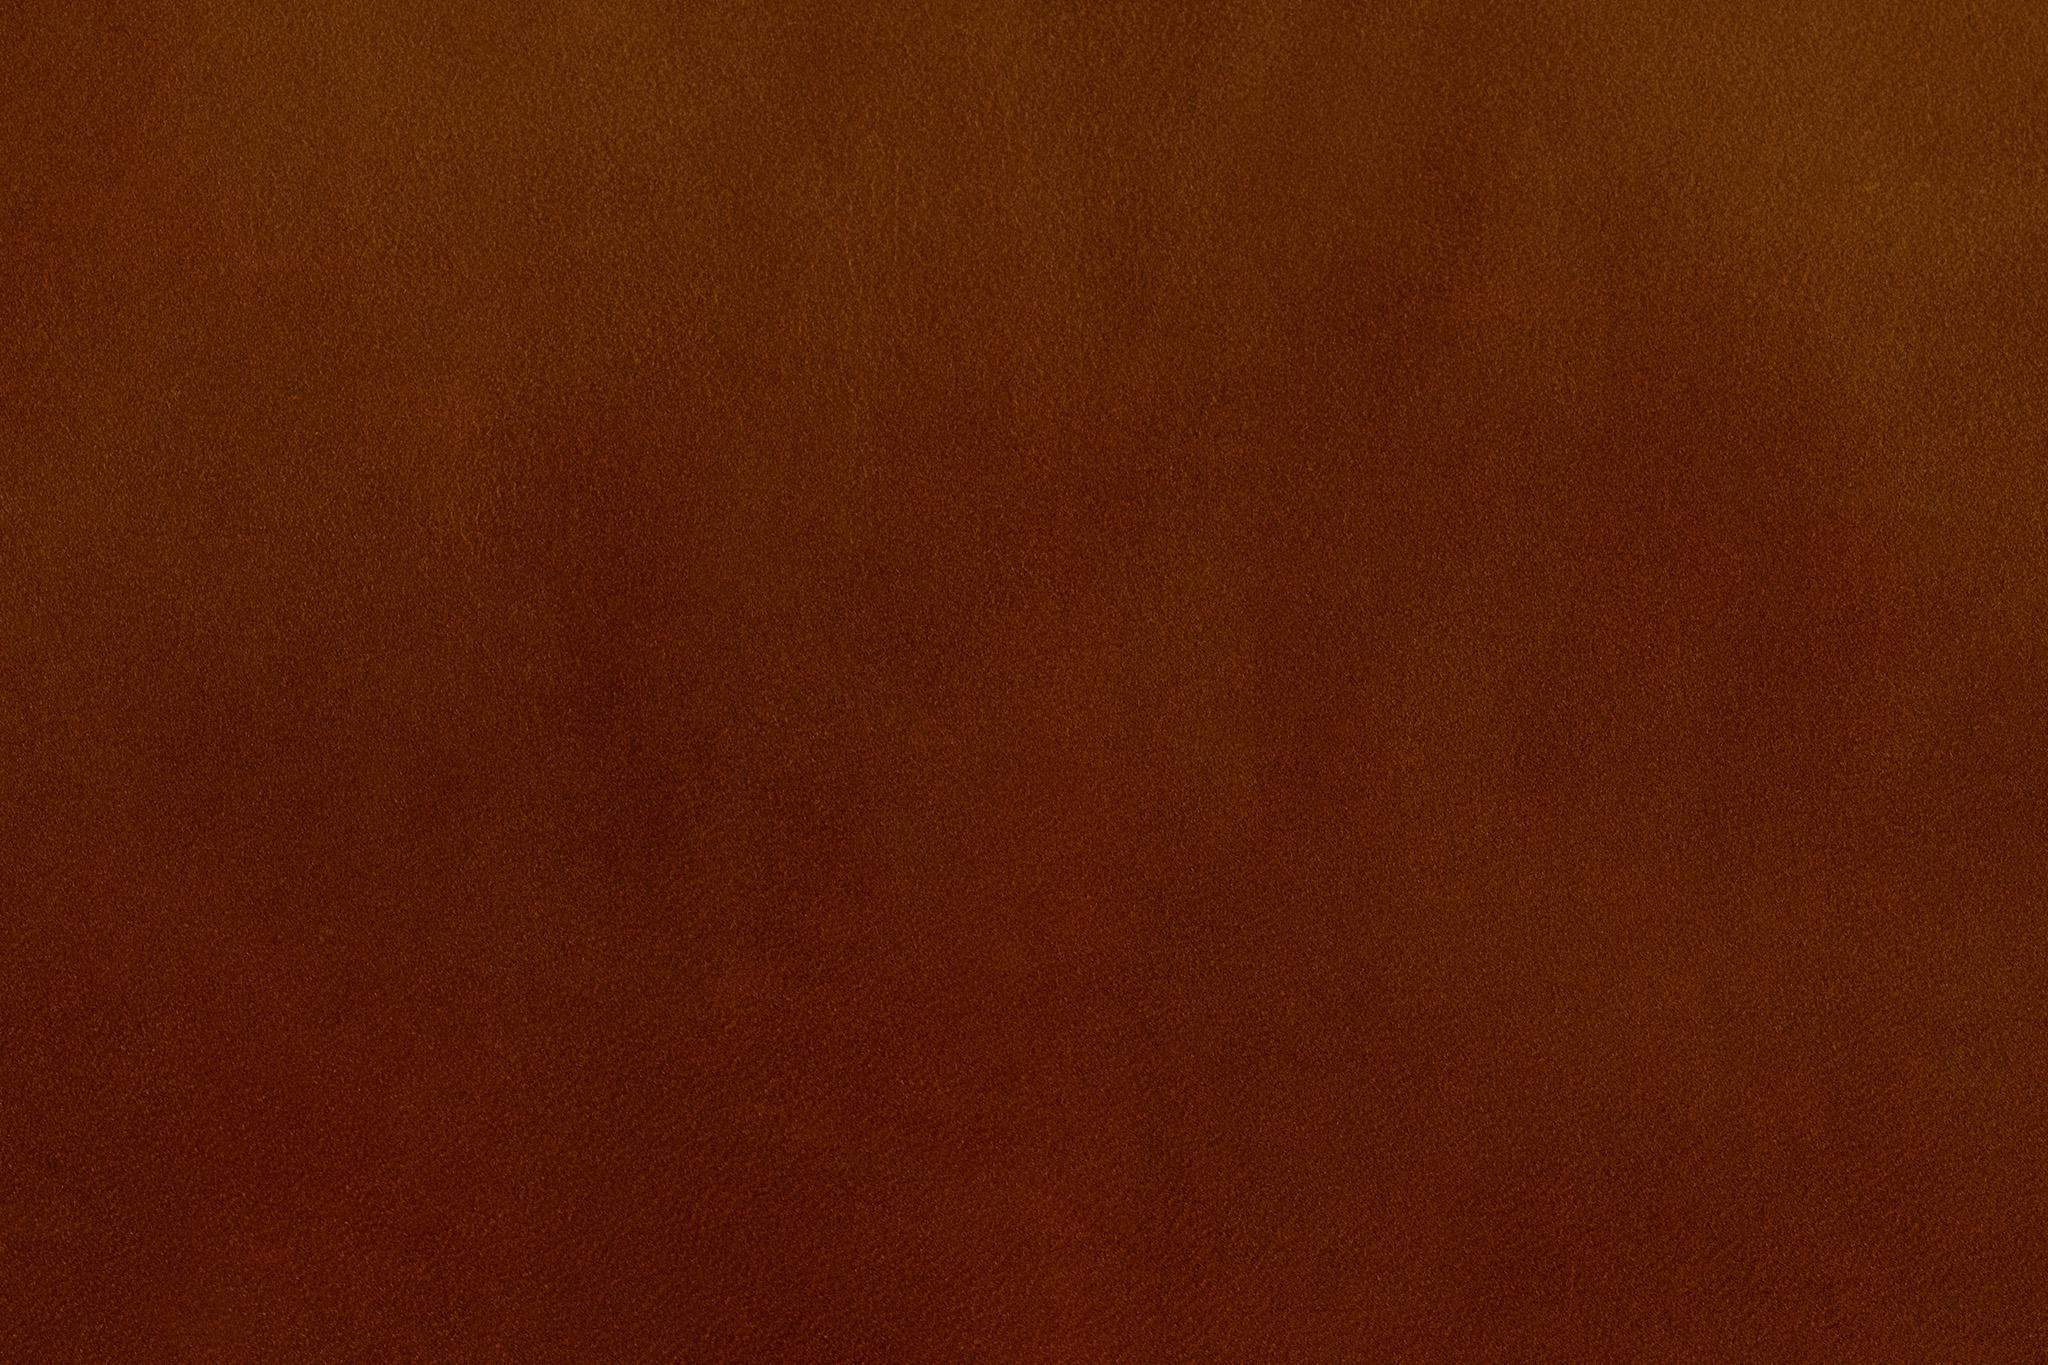 「オイルの薄いシミのある茶色いレザー」の素材を無料ダウンロード